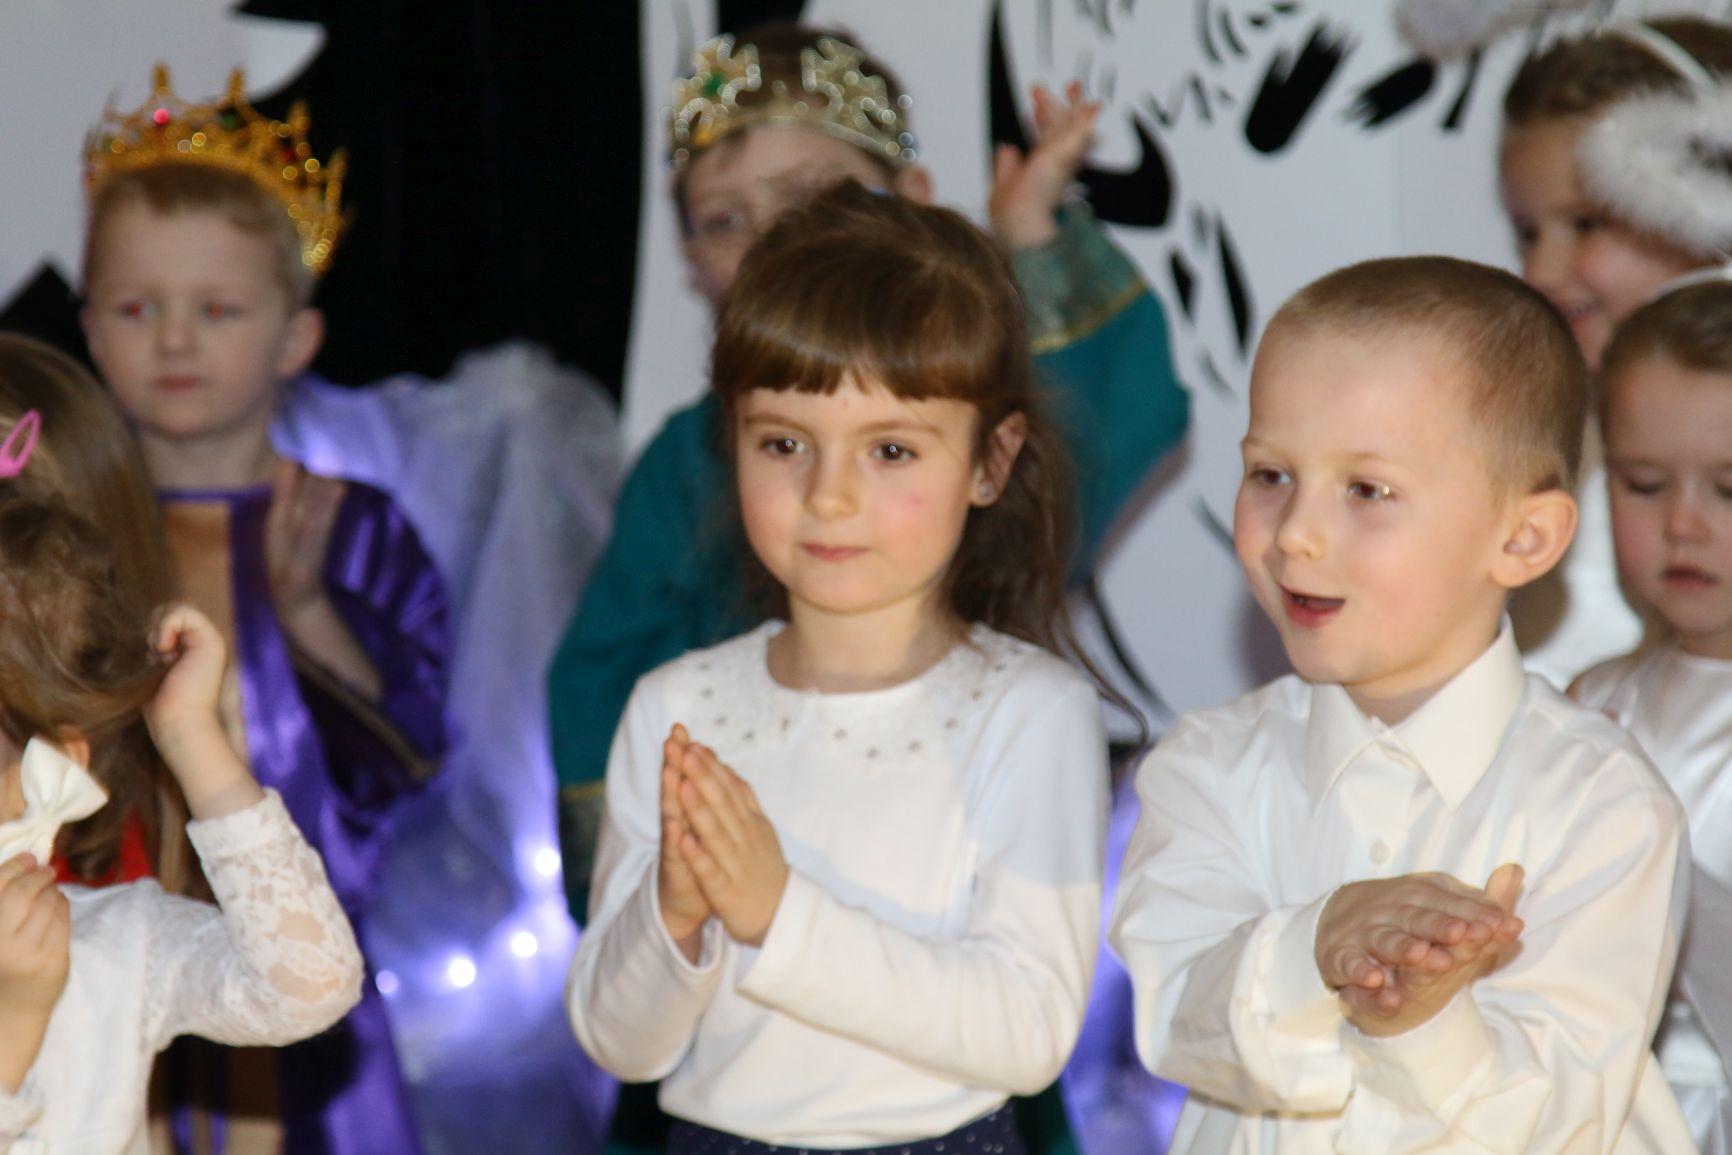 Oglądasz obraz z artykułu: Wnuczęta są dla nich radością życia.